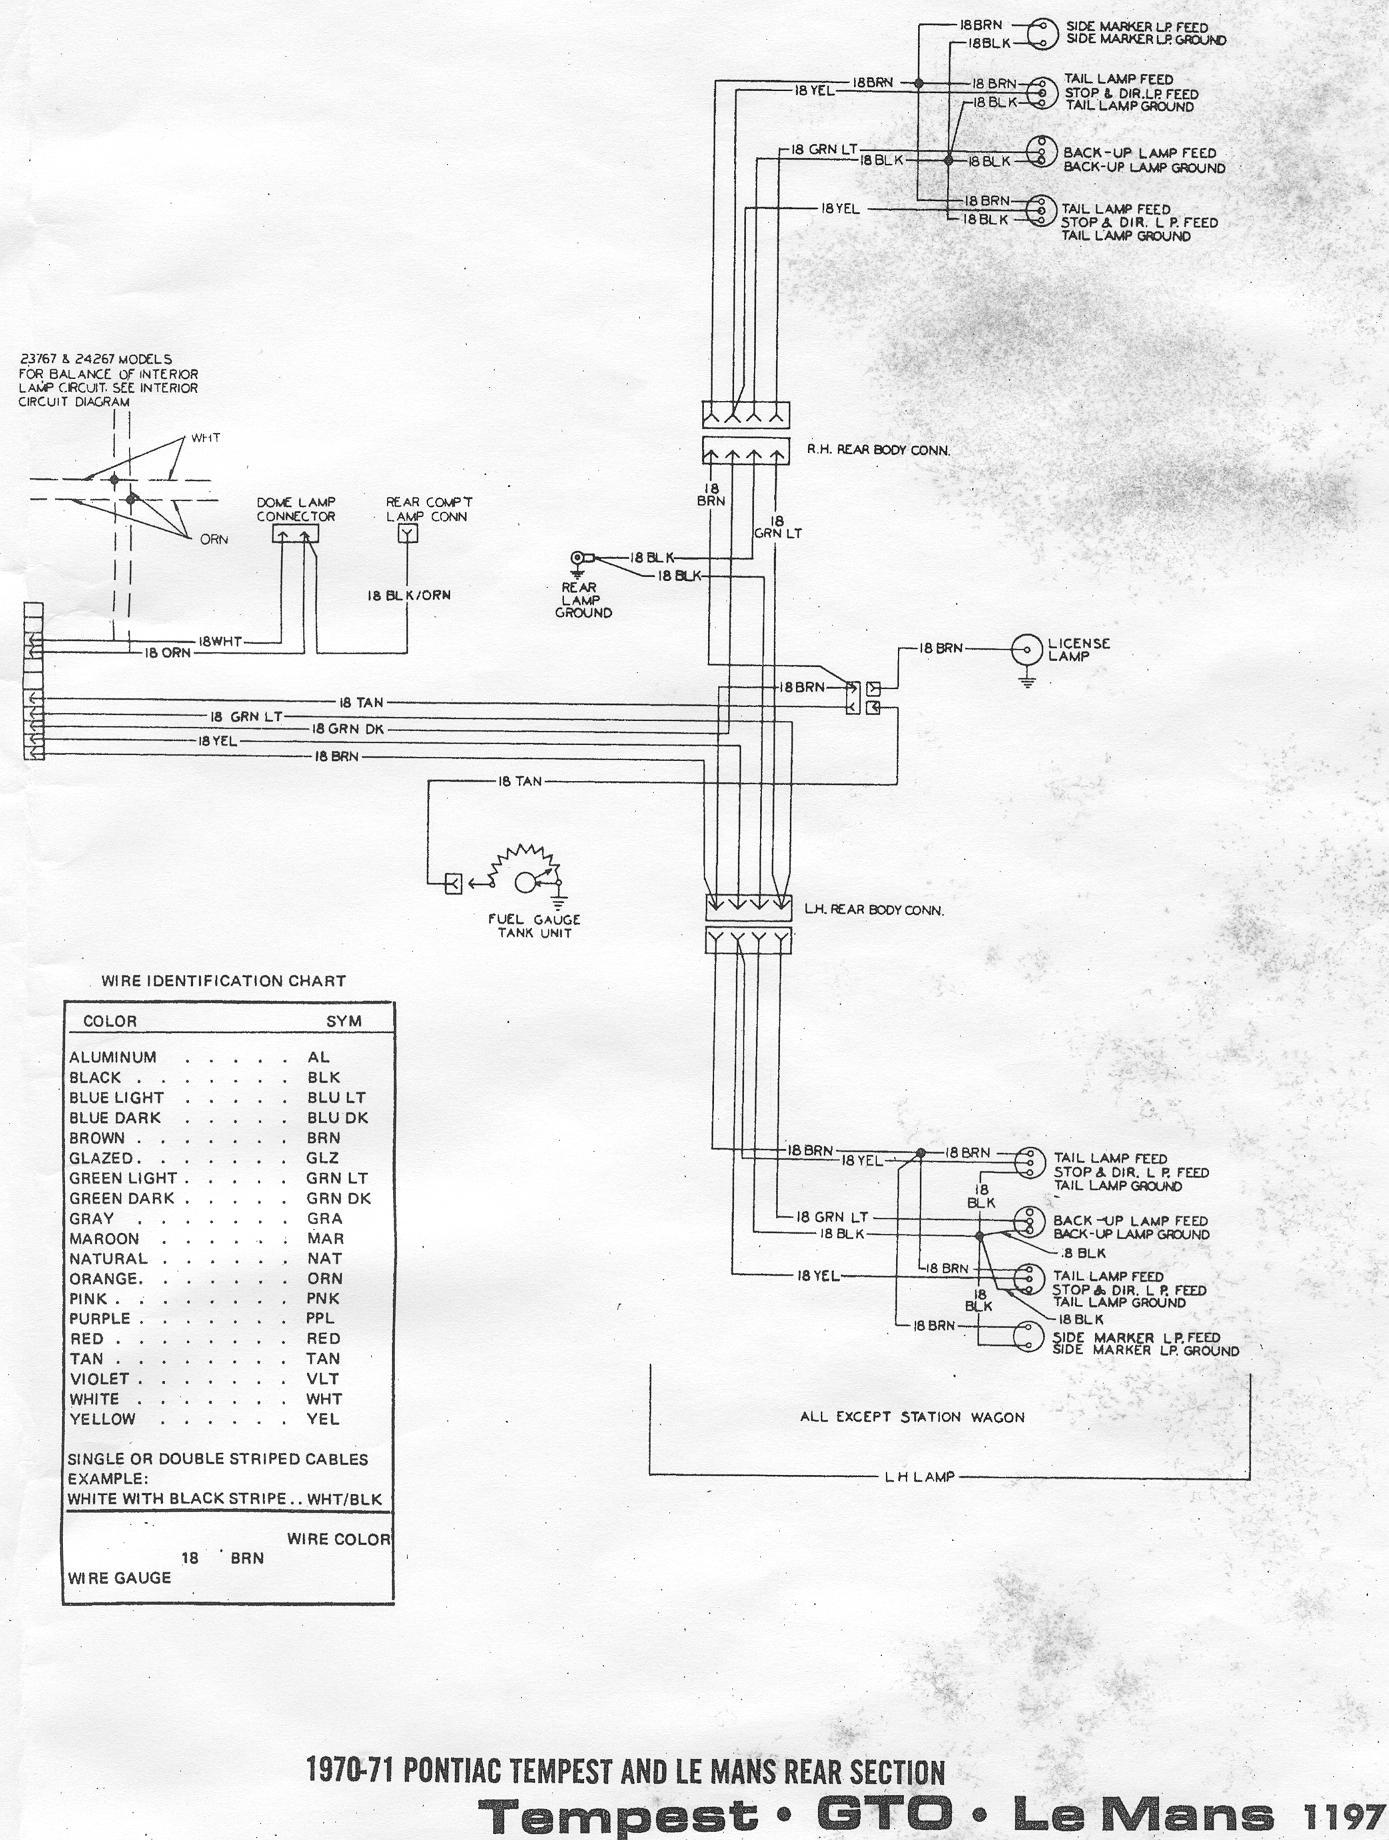 68 camaro under dash wiring diagram wiring diagrams 68 aro tach wiring diagram schematics and diagrams